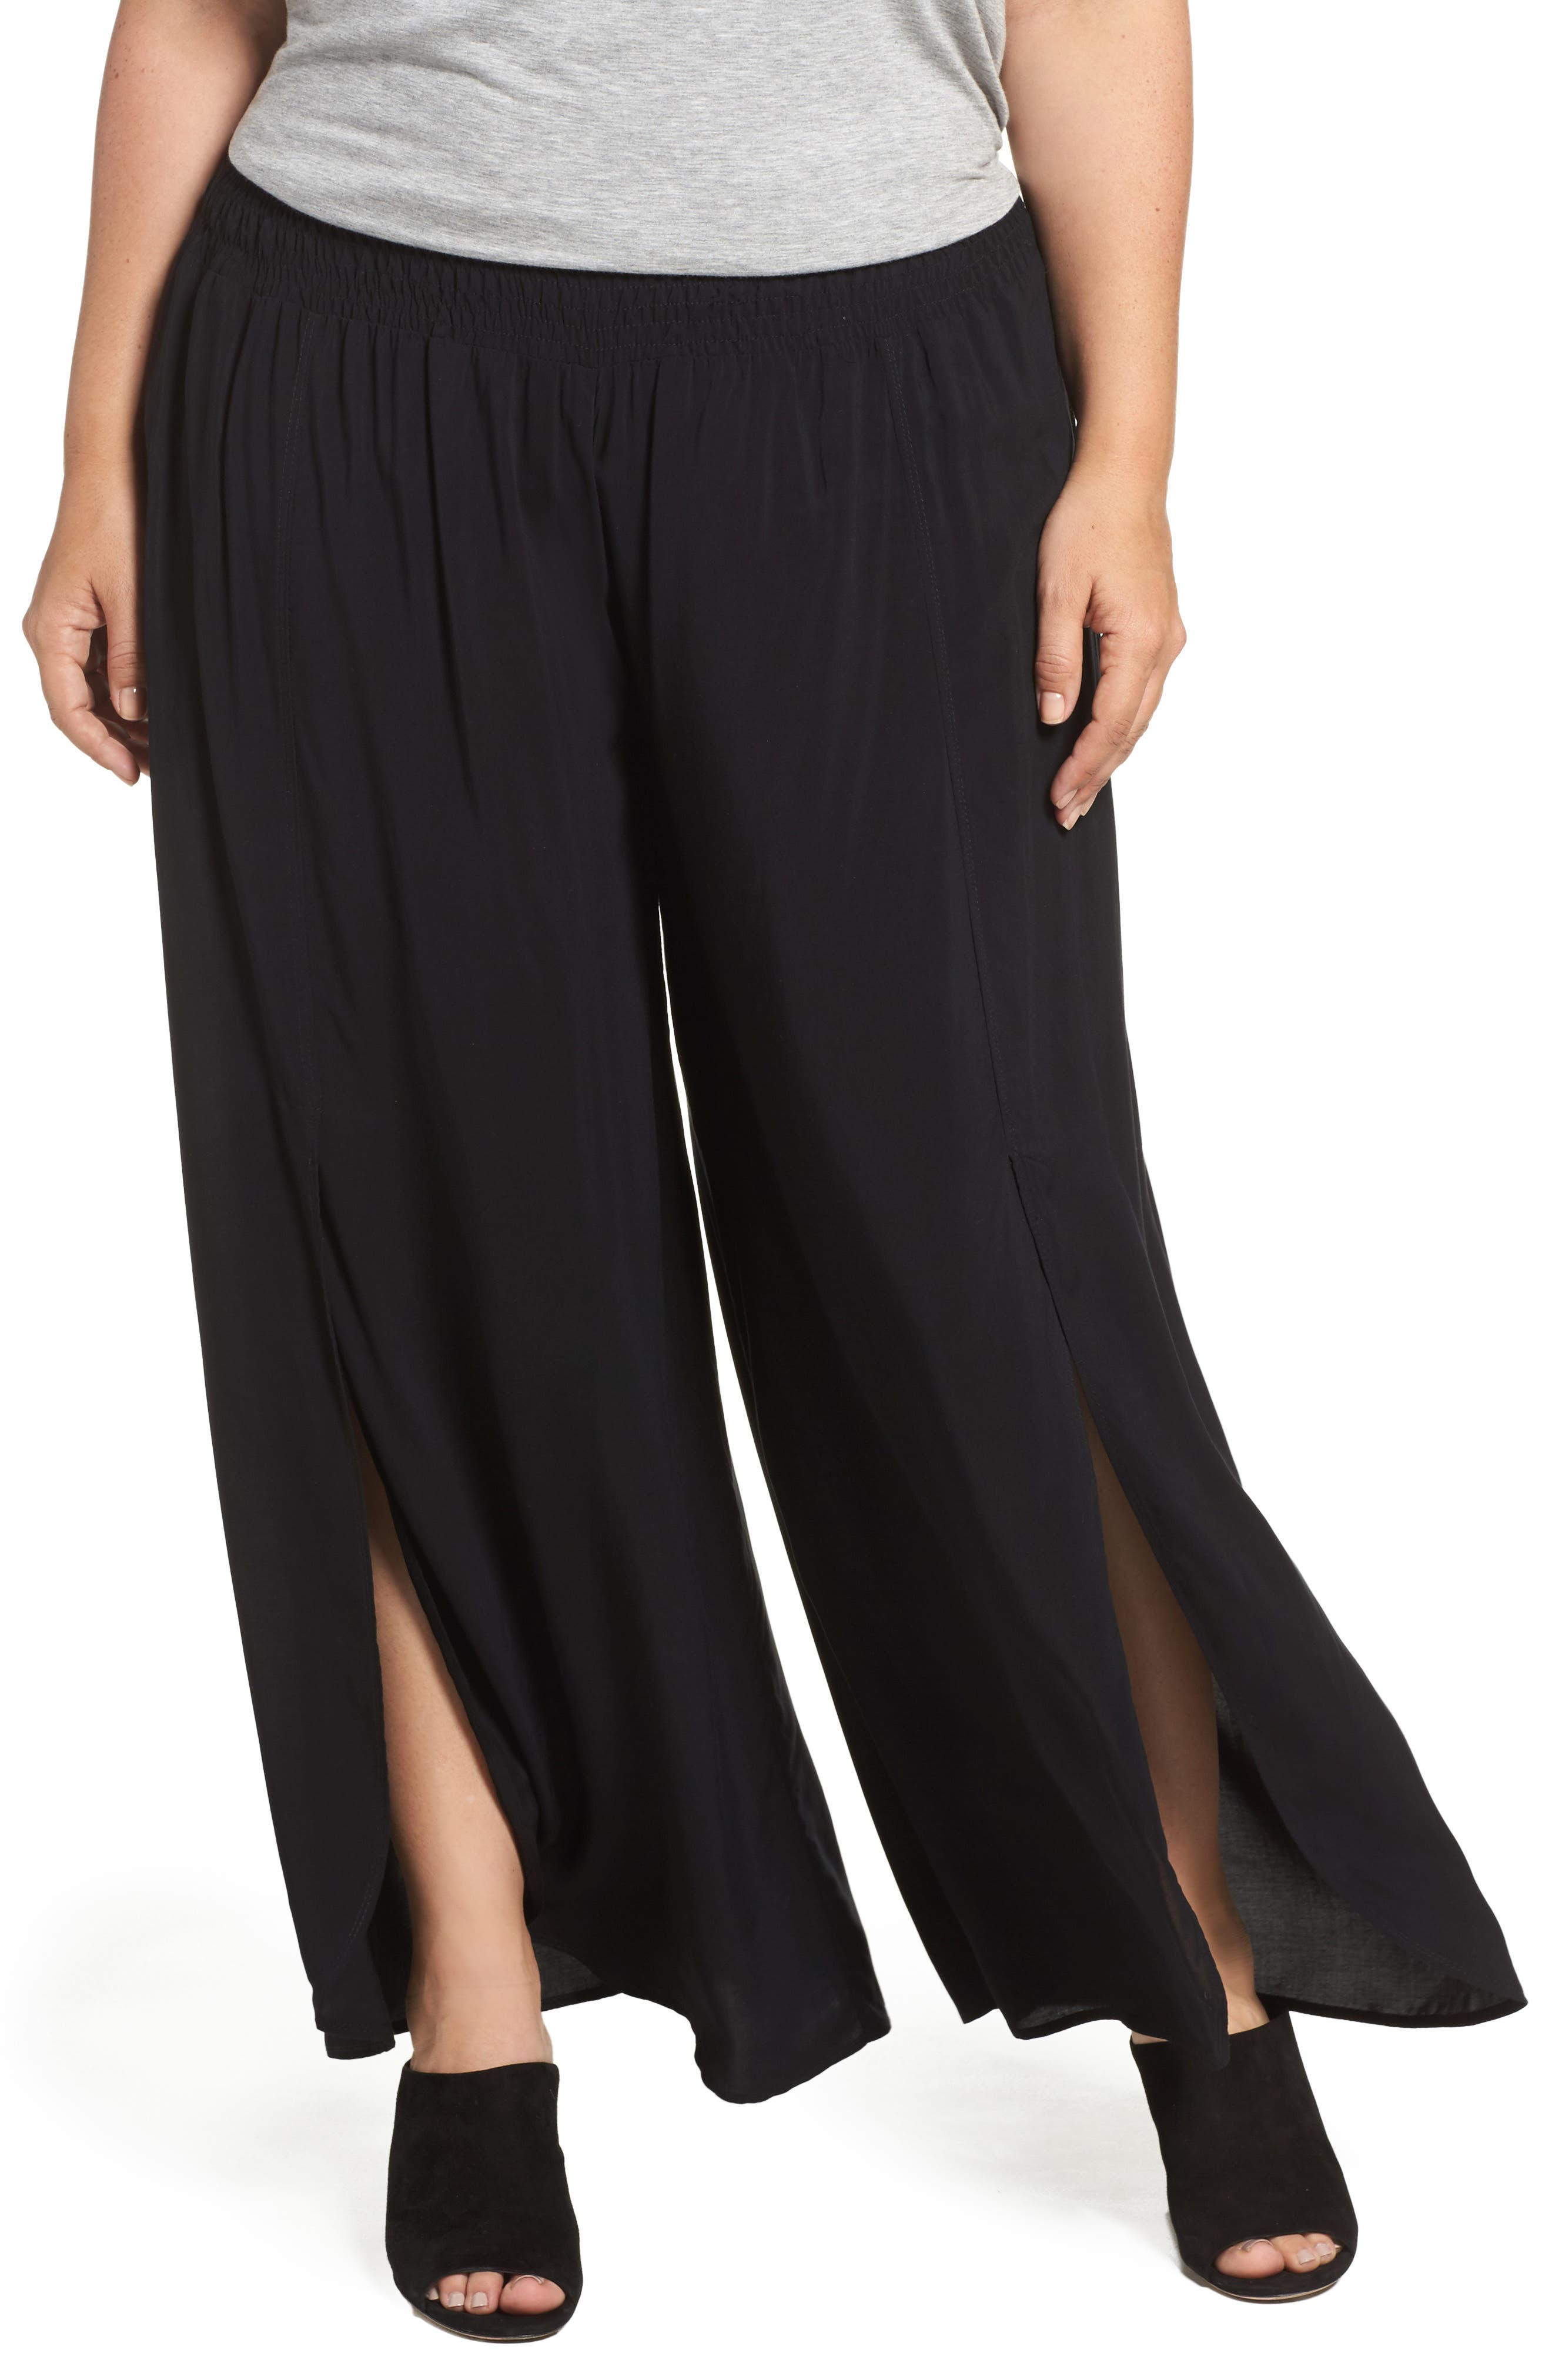 Nima Front Slit Pants,                         Main,                         color, Black